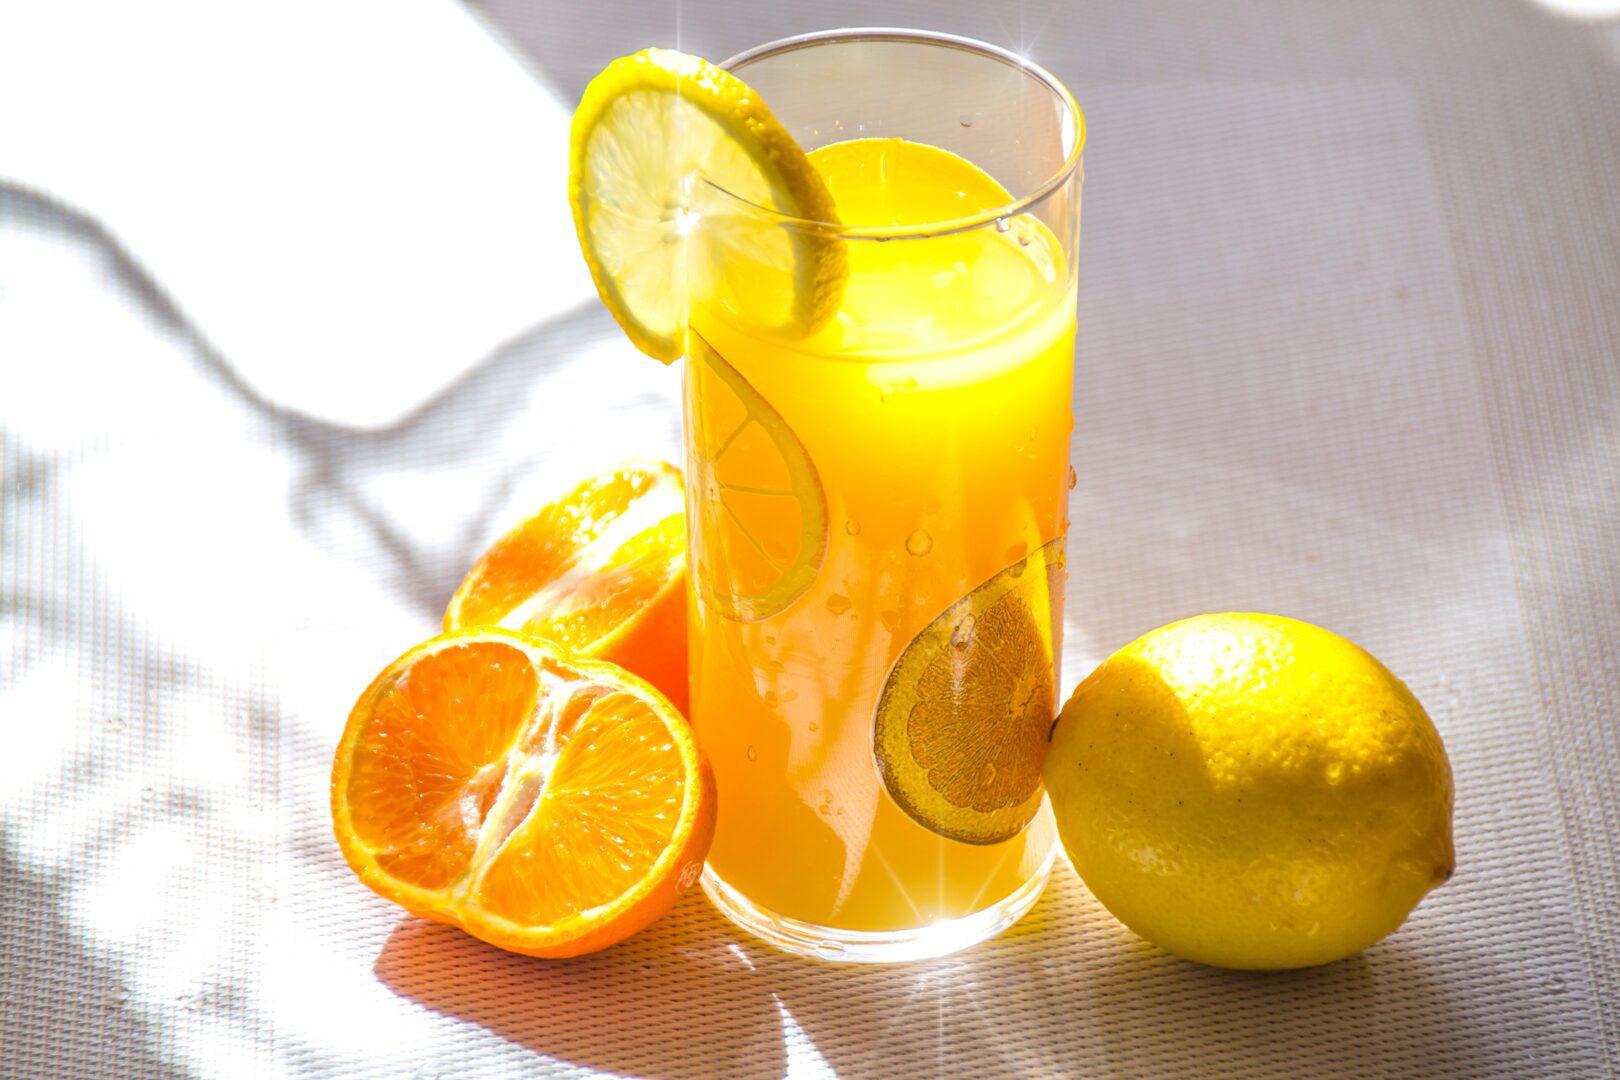 Para transformar o limão da crise em uma limonada, 2 ingredientes não podem faltar: união e coerência